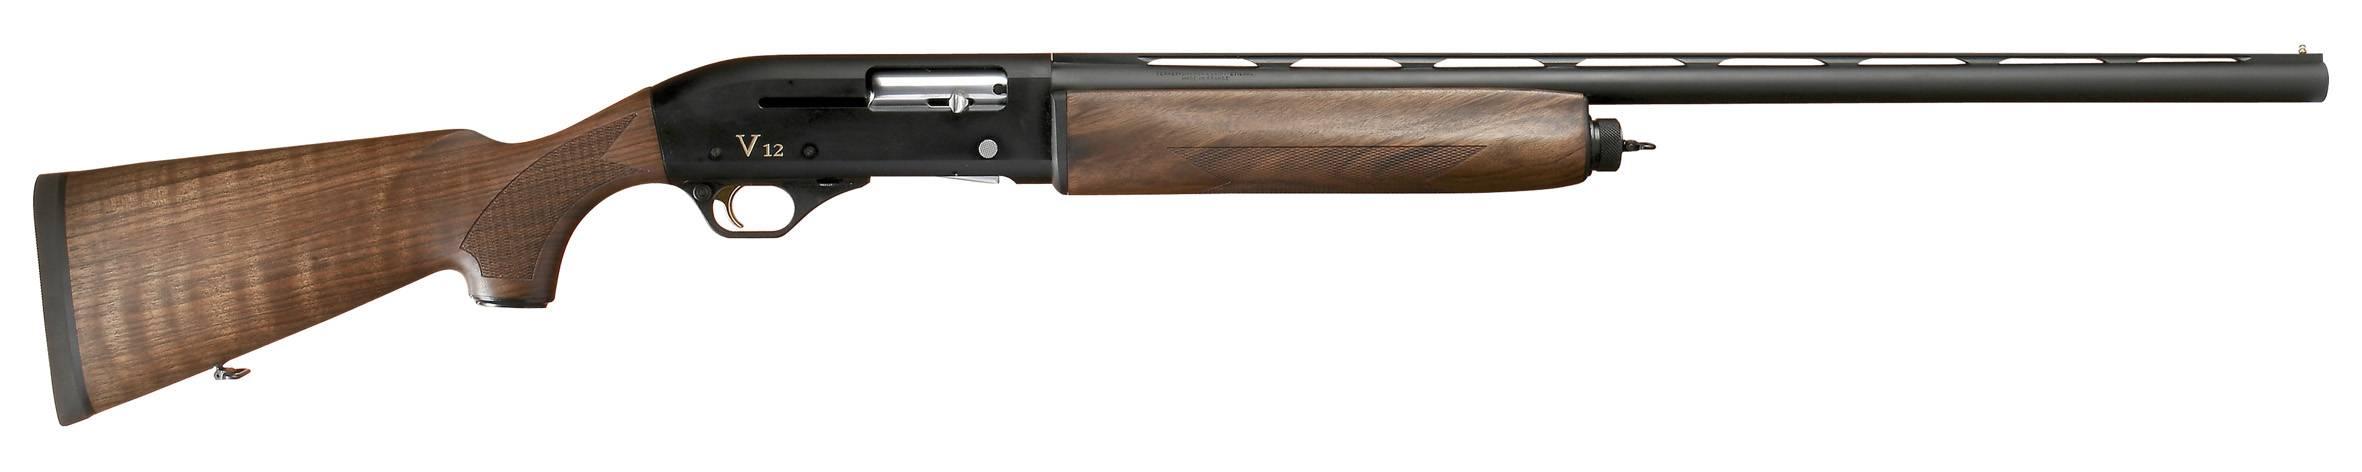 Ружье винтовка. охотничьи ружья: история развития от фитильных аркебуз до современных моделей